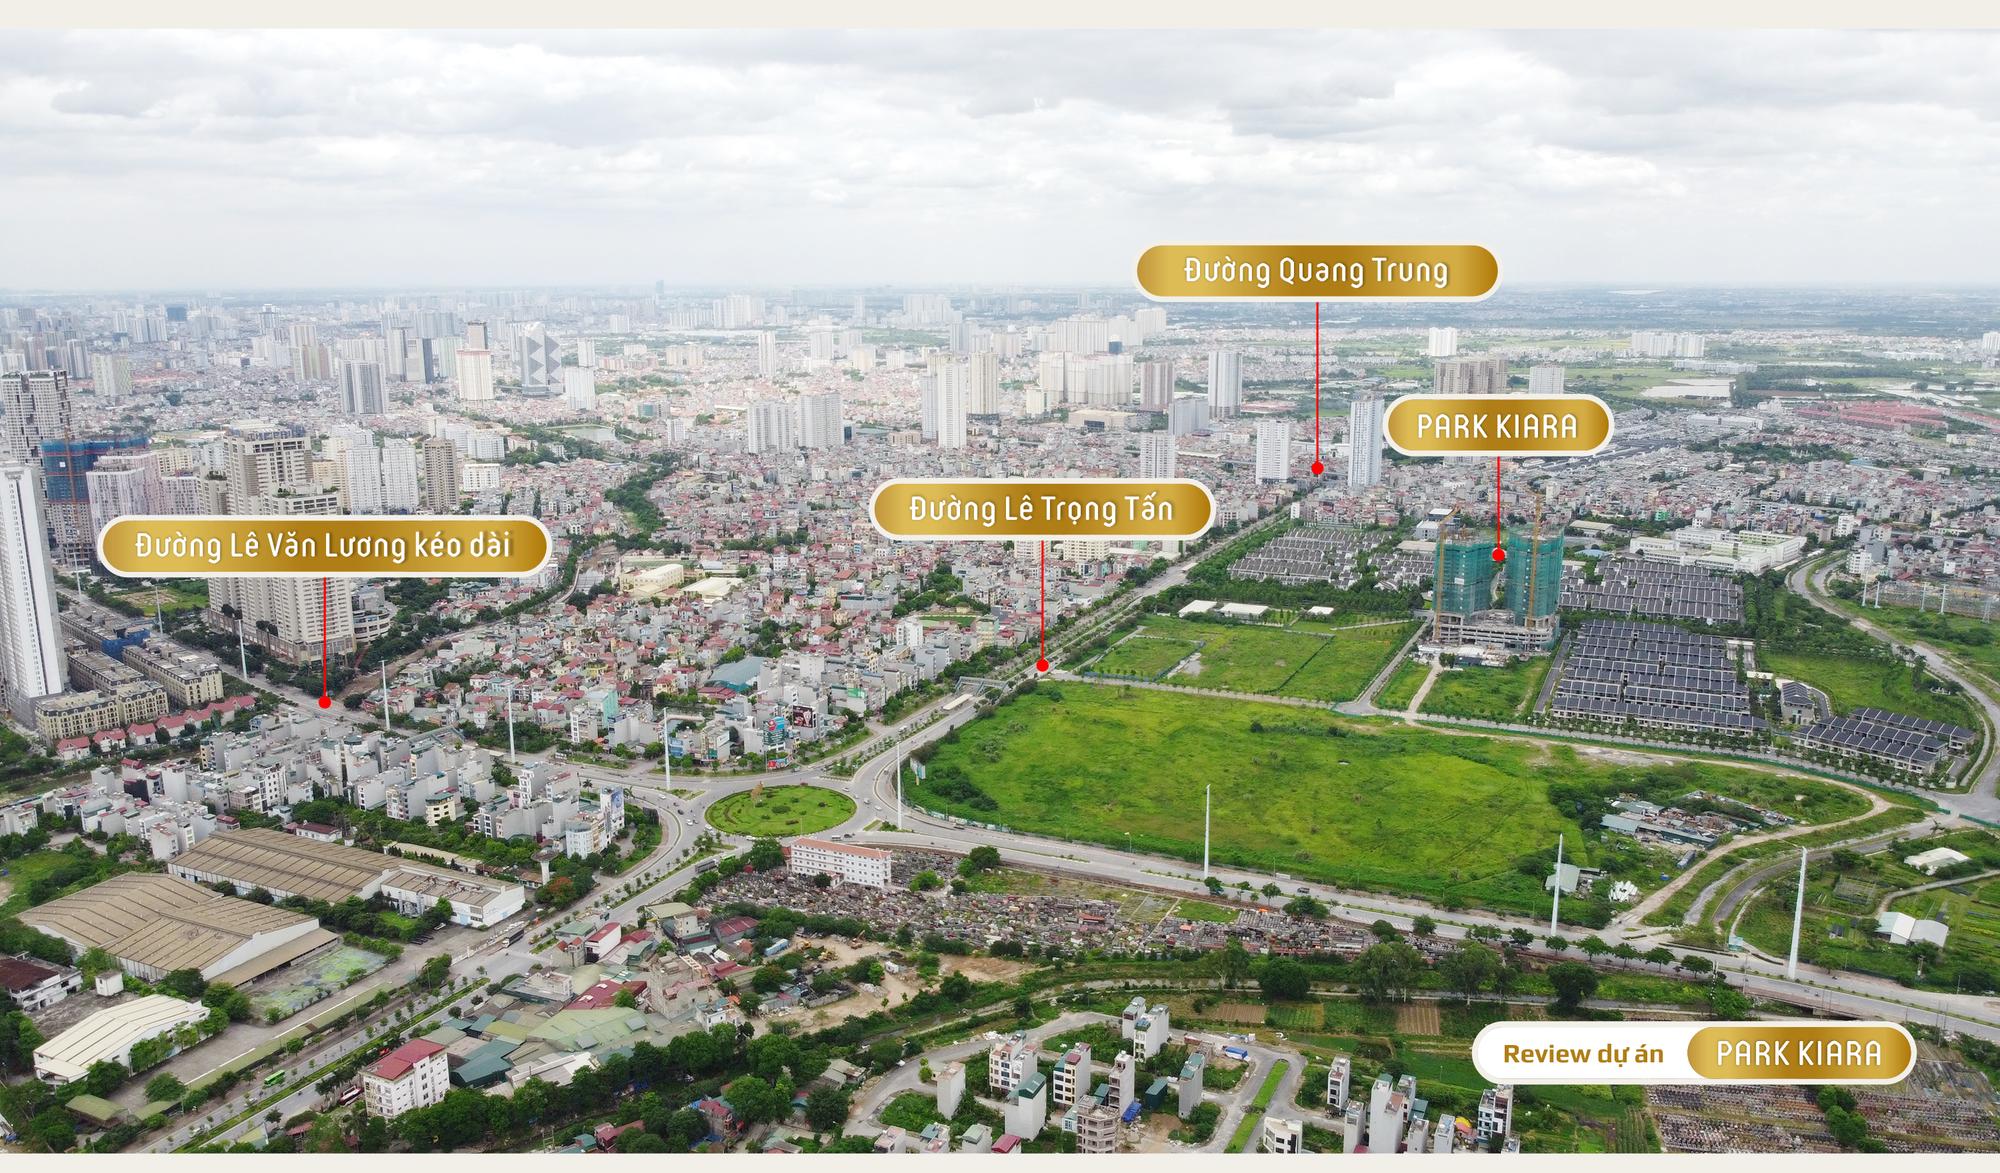 Review dự án chung cư Park Kiara: 80% là căn góc, gần trục chính Lê Văn Lương - Lê Trọng Tấn kéo dài - Ảnh 12.